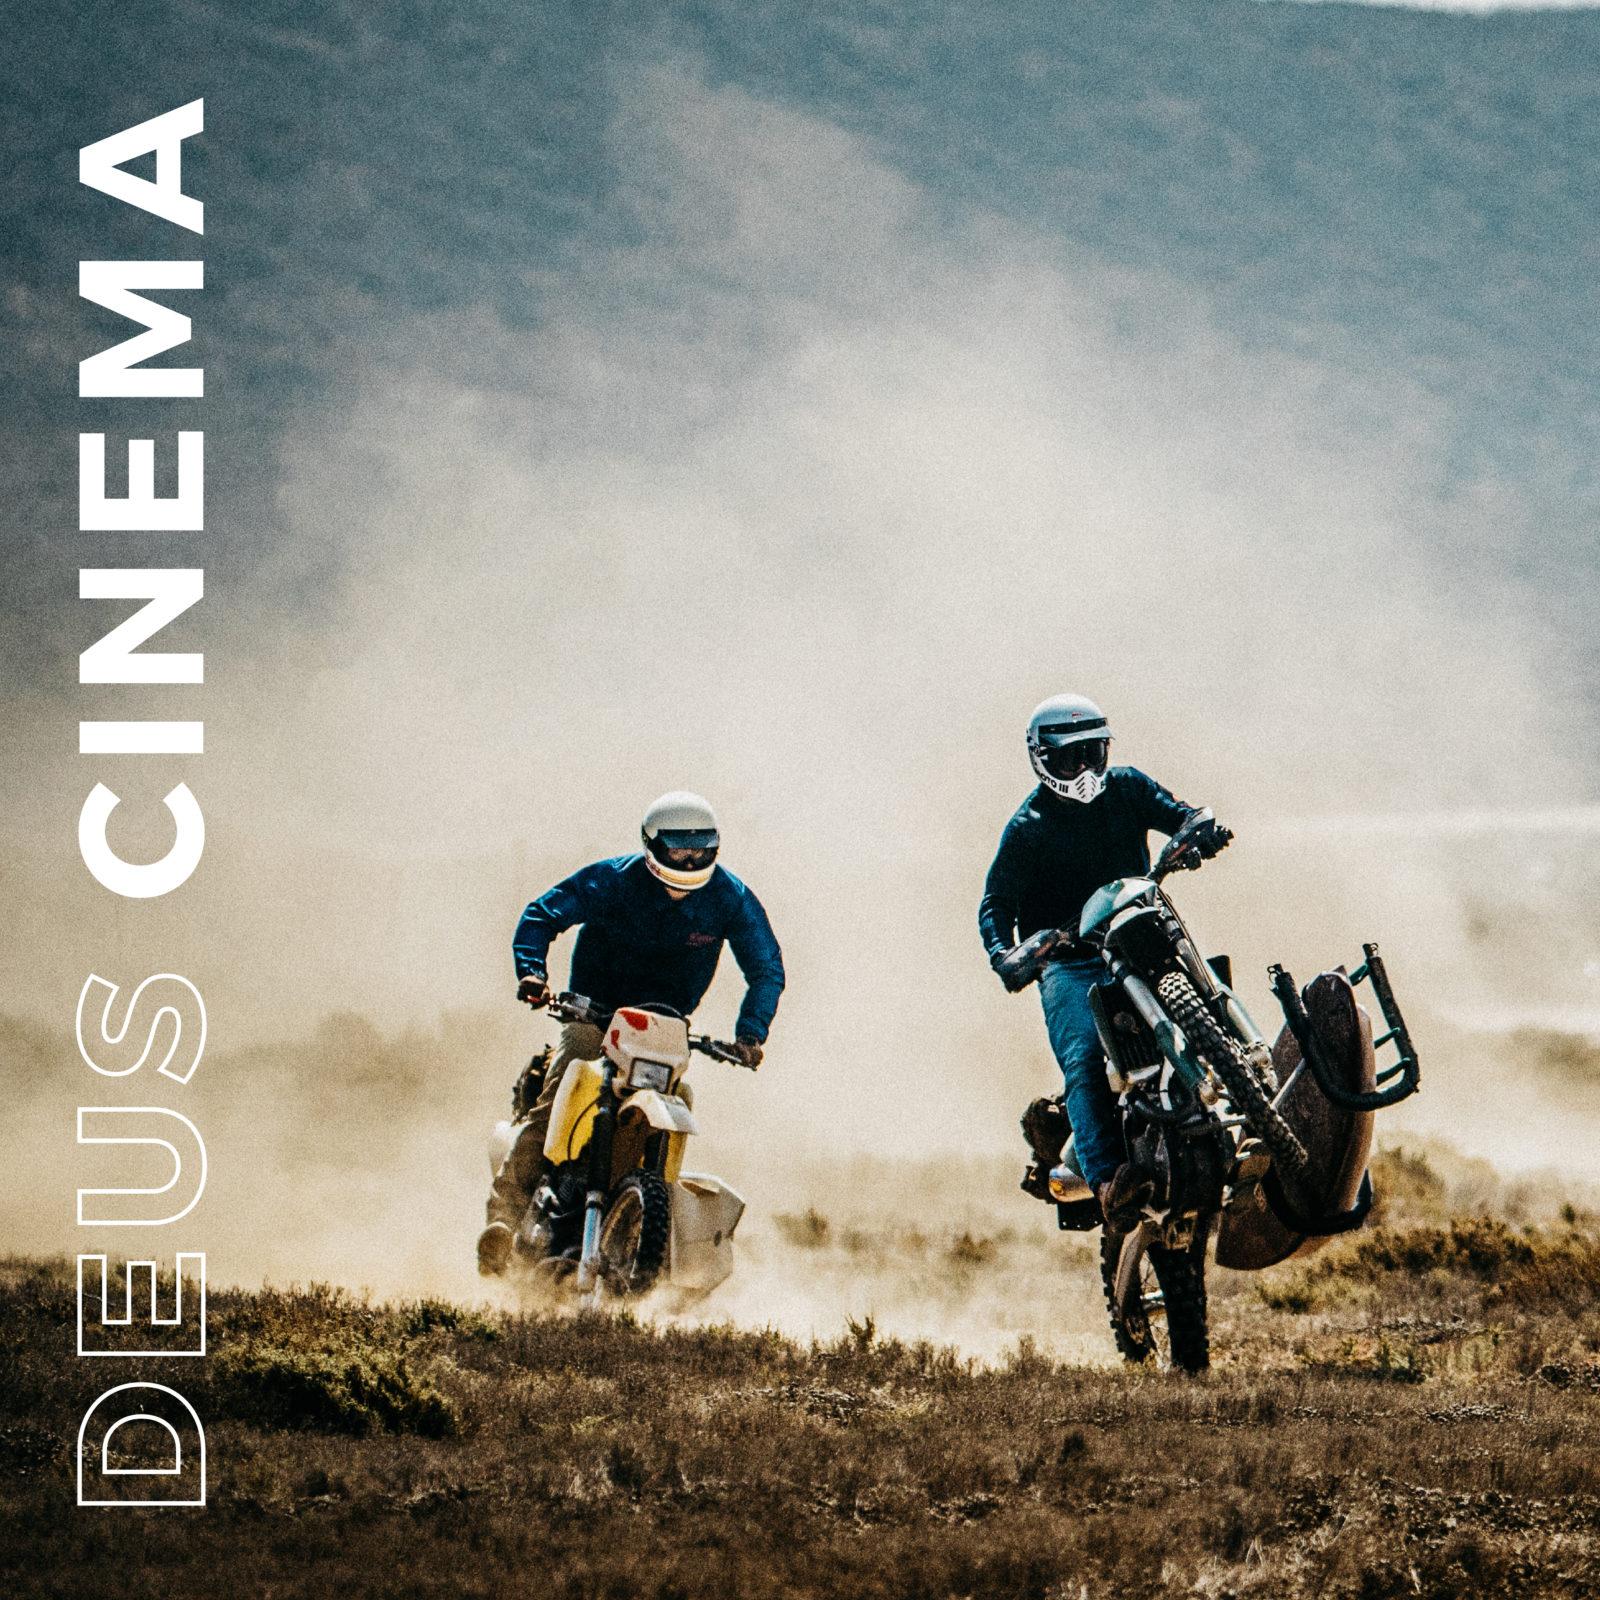 Tous les films DEUS en accès libre !